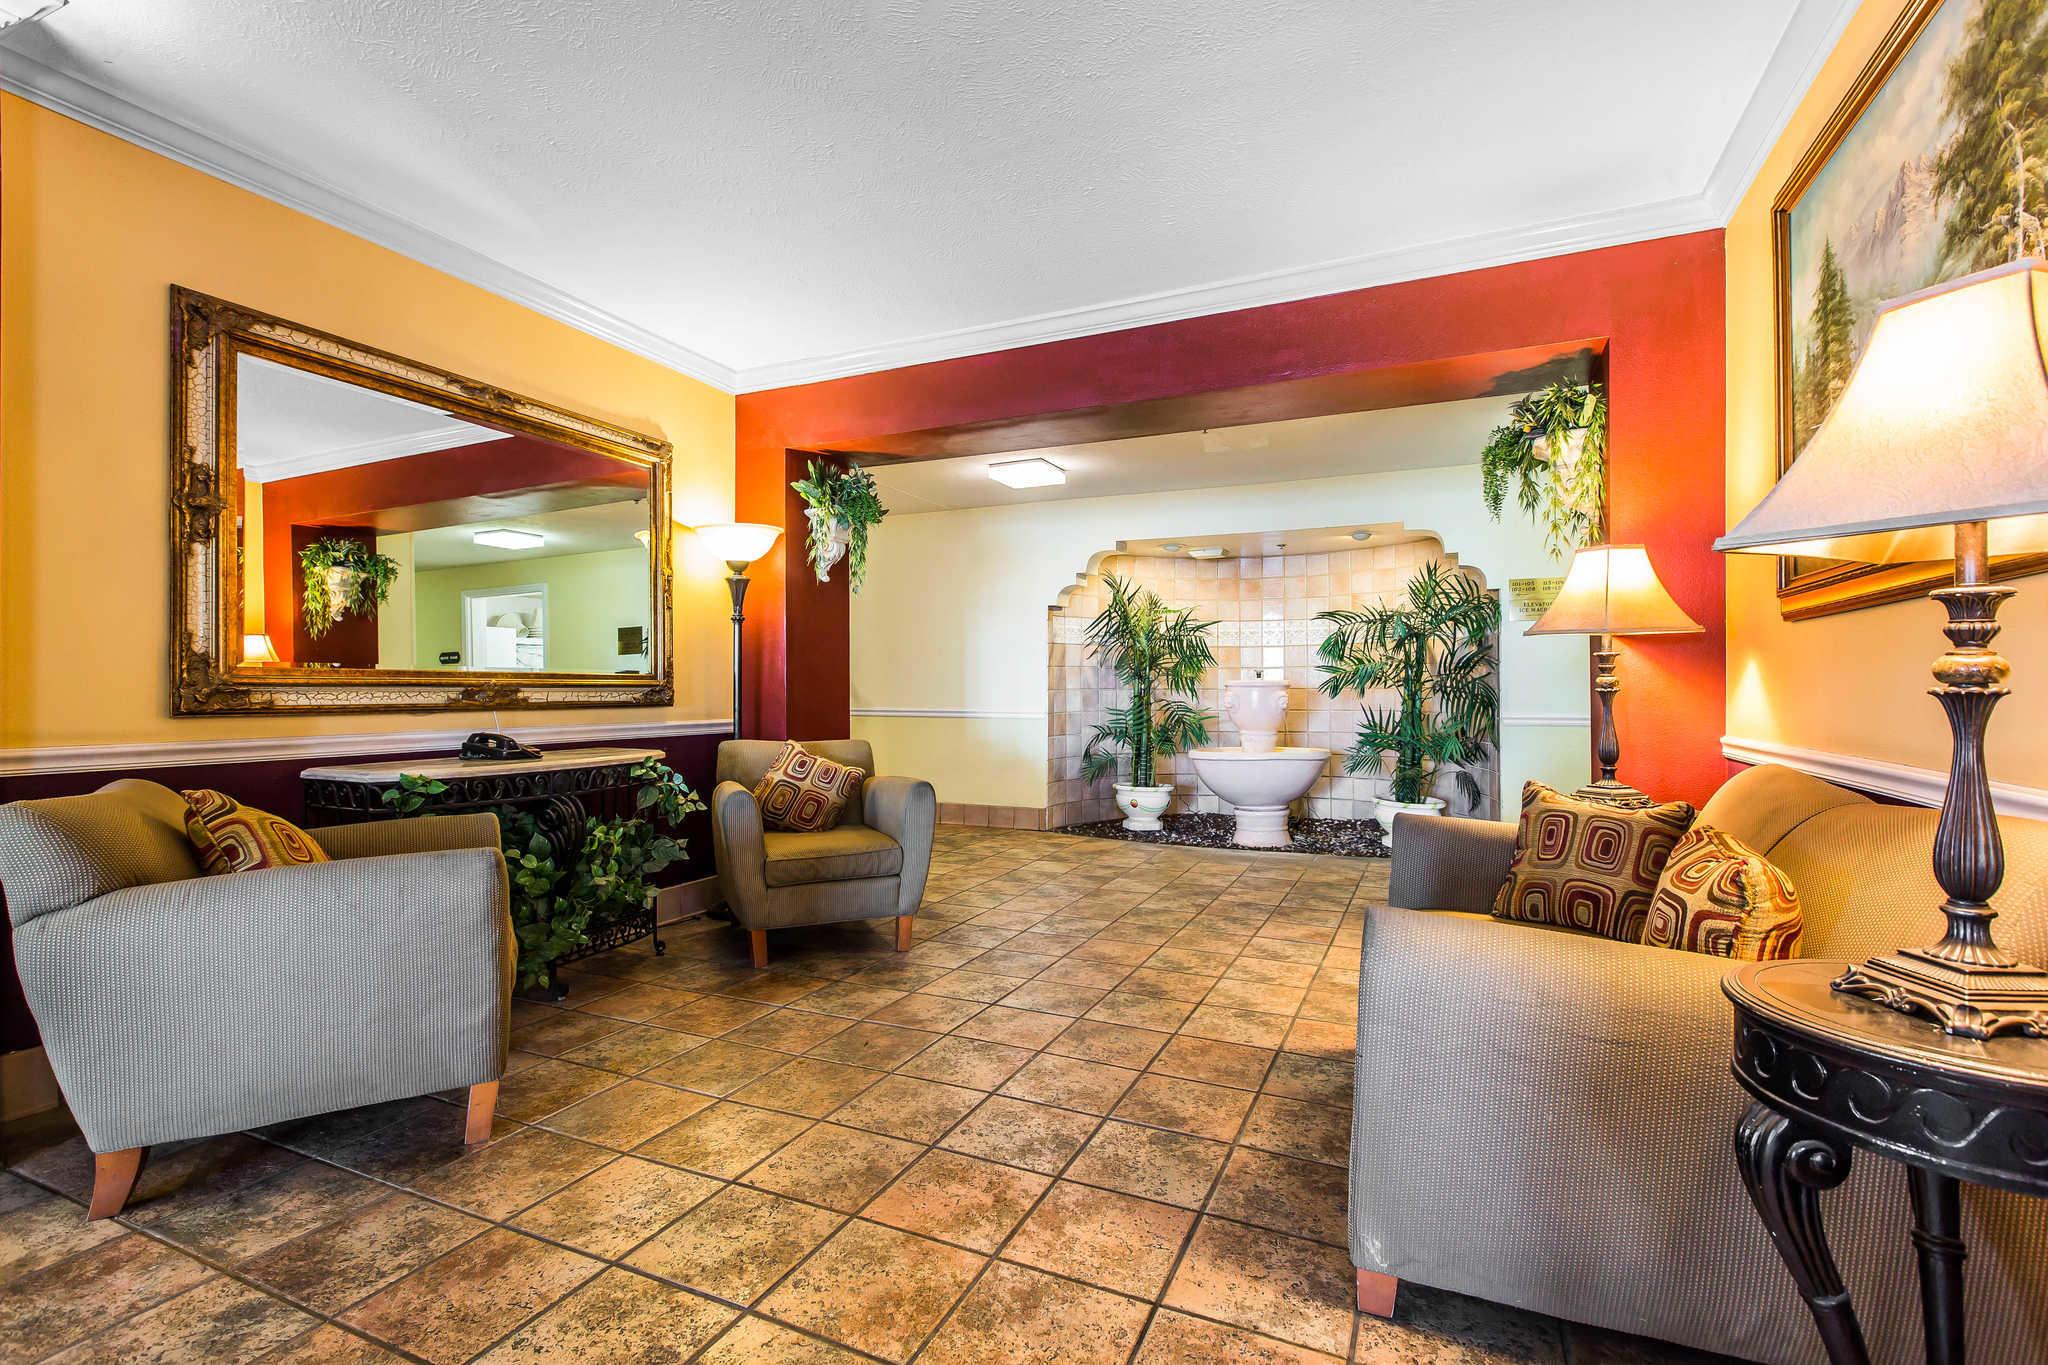 Comfort Inn & Suites El Centro I-8 image 3